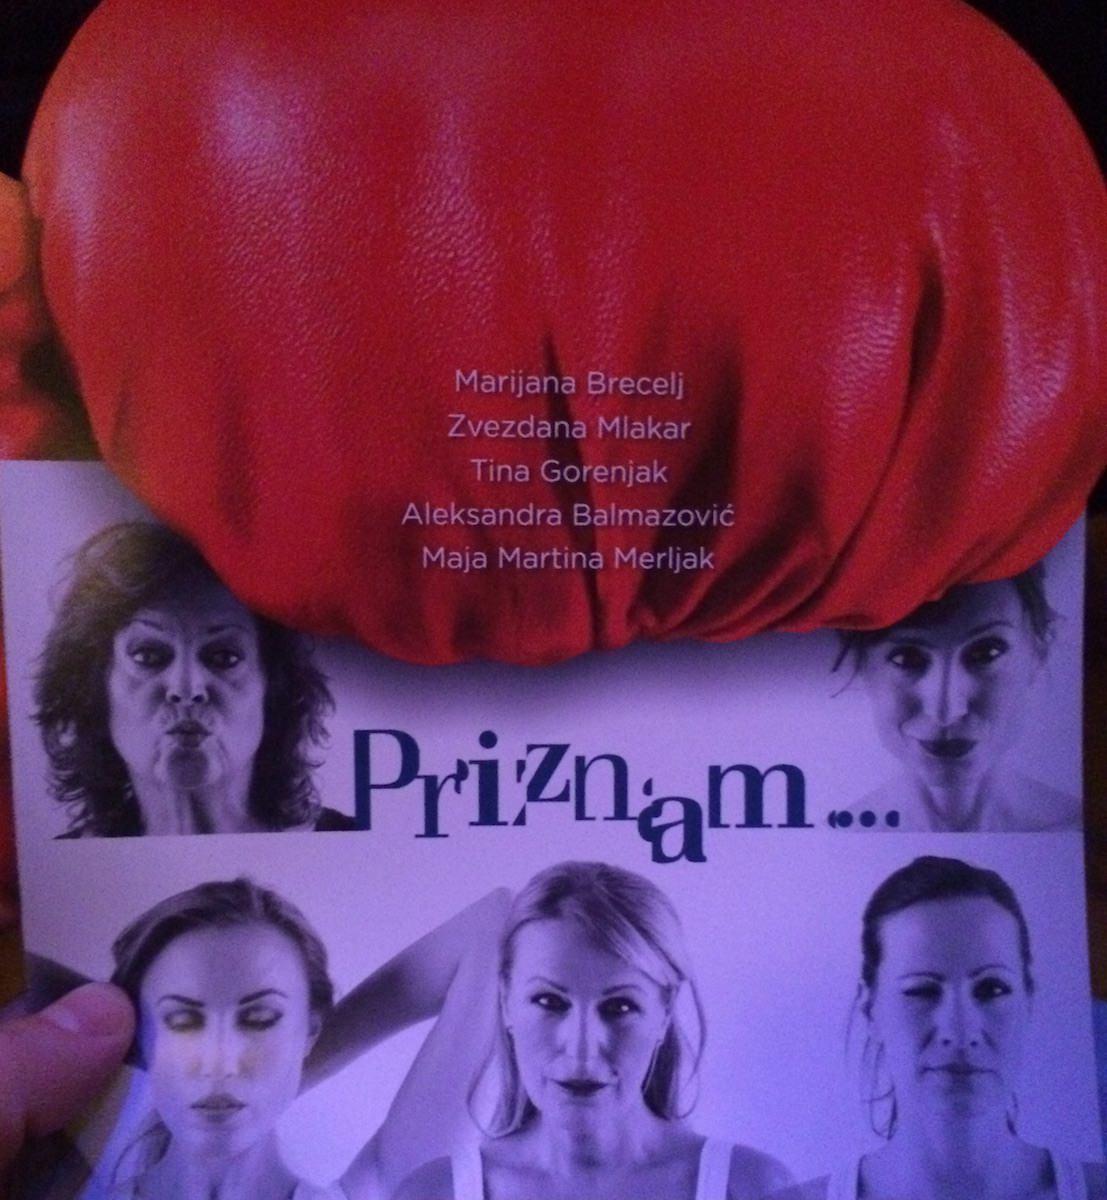 priznam Aleksandra Balmazović, Maja Martina Merljak, Tina Gorenjak, Marijana Brecelj, Zvezdana Mlakar